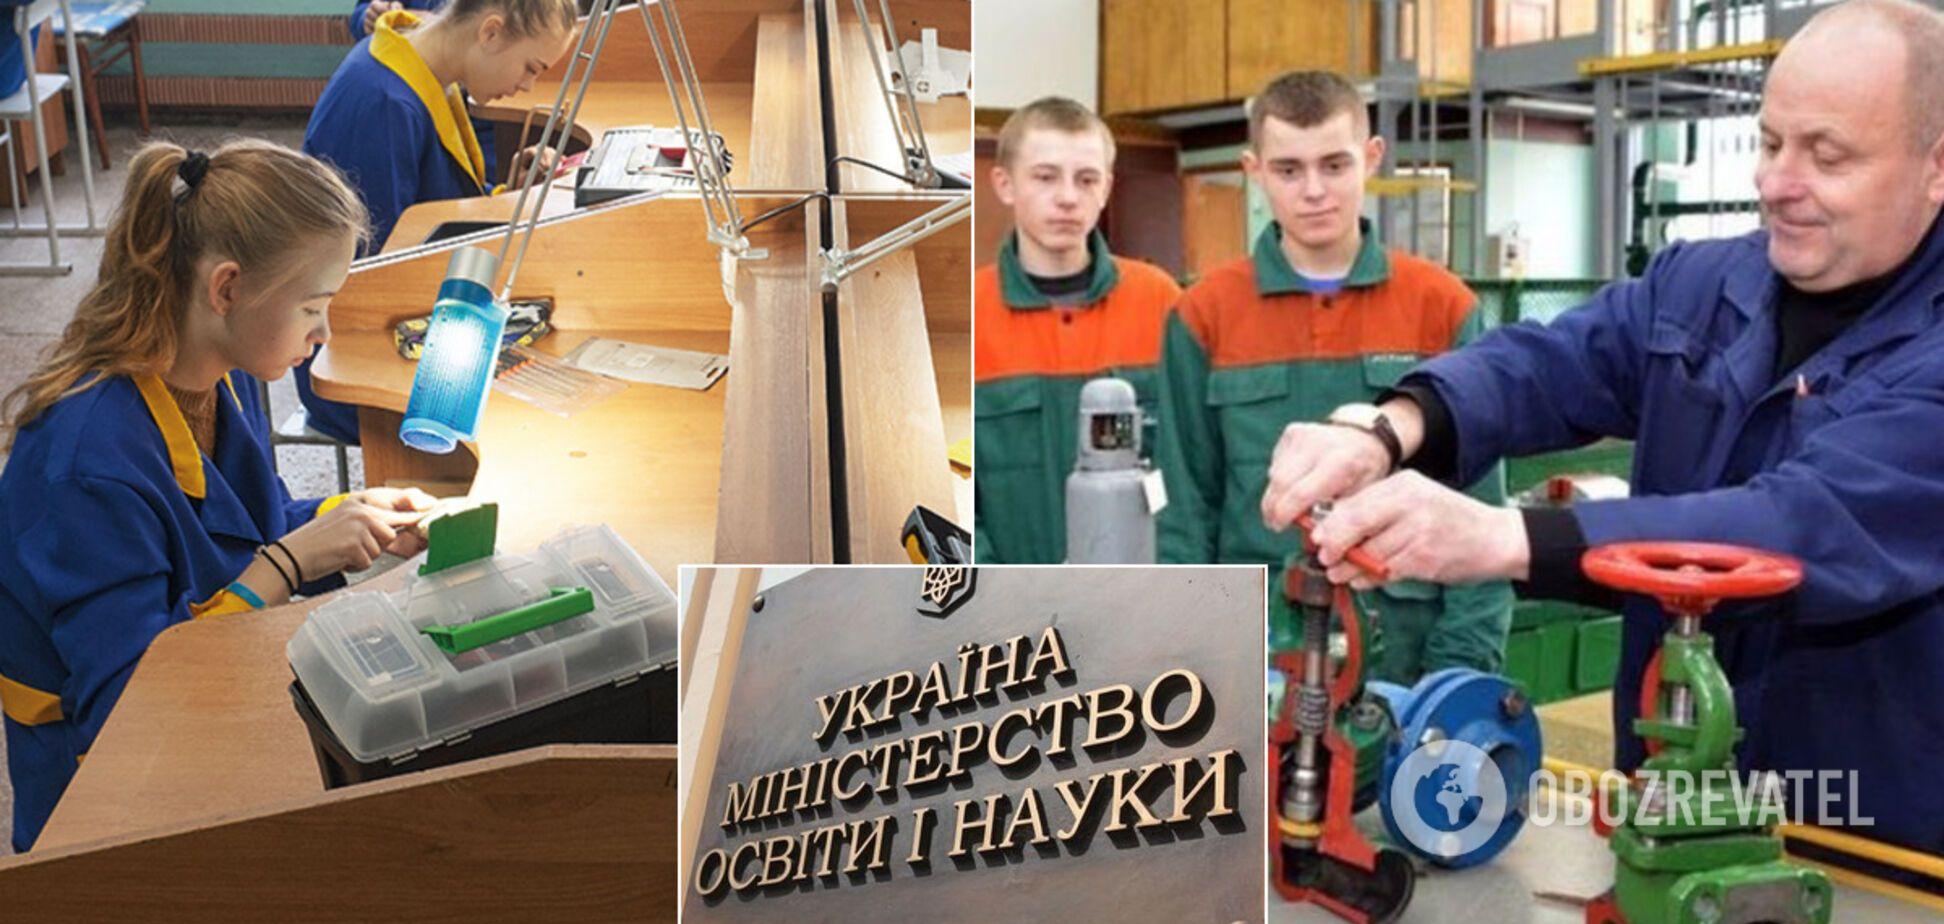 В Україні планують об'єднати коледжі та ПТУ: розкриті деталі